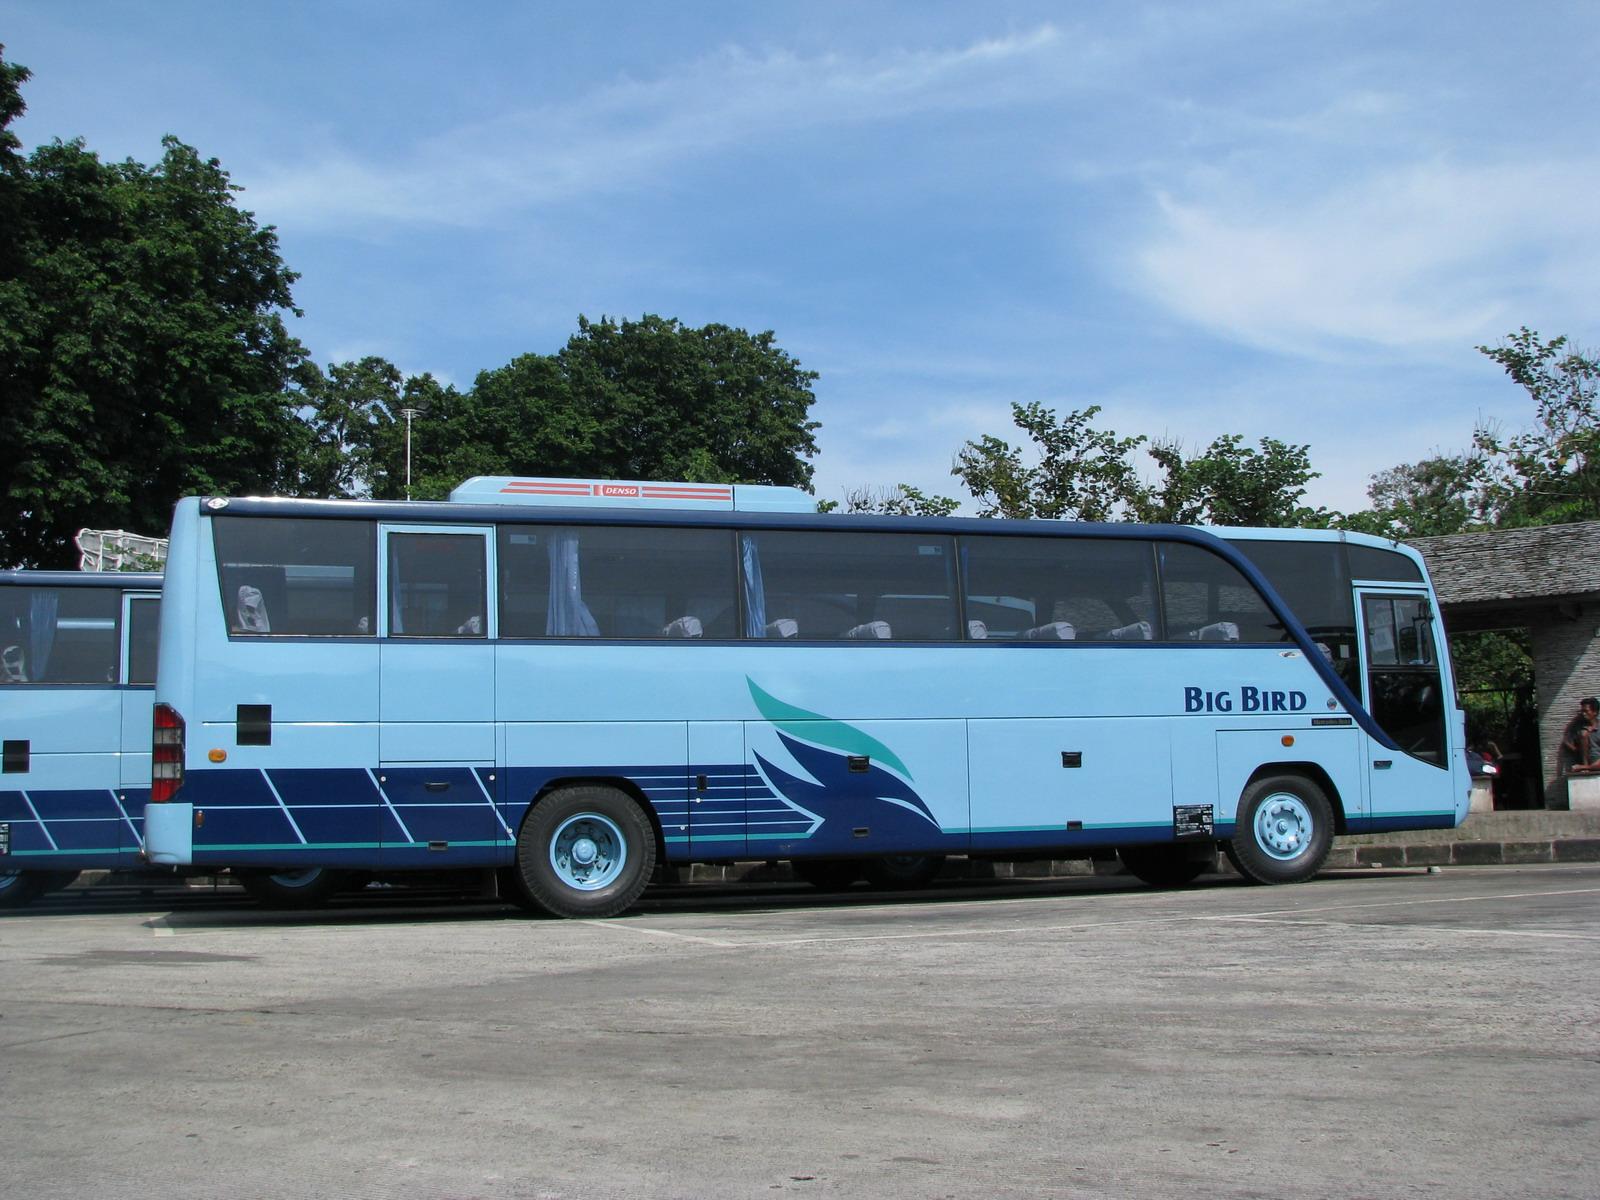 Big Bird - Mengenal Tipe dan Jenis Bus Pariwisata dari Berbagai Otobus di Indonesia